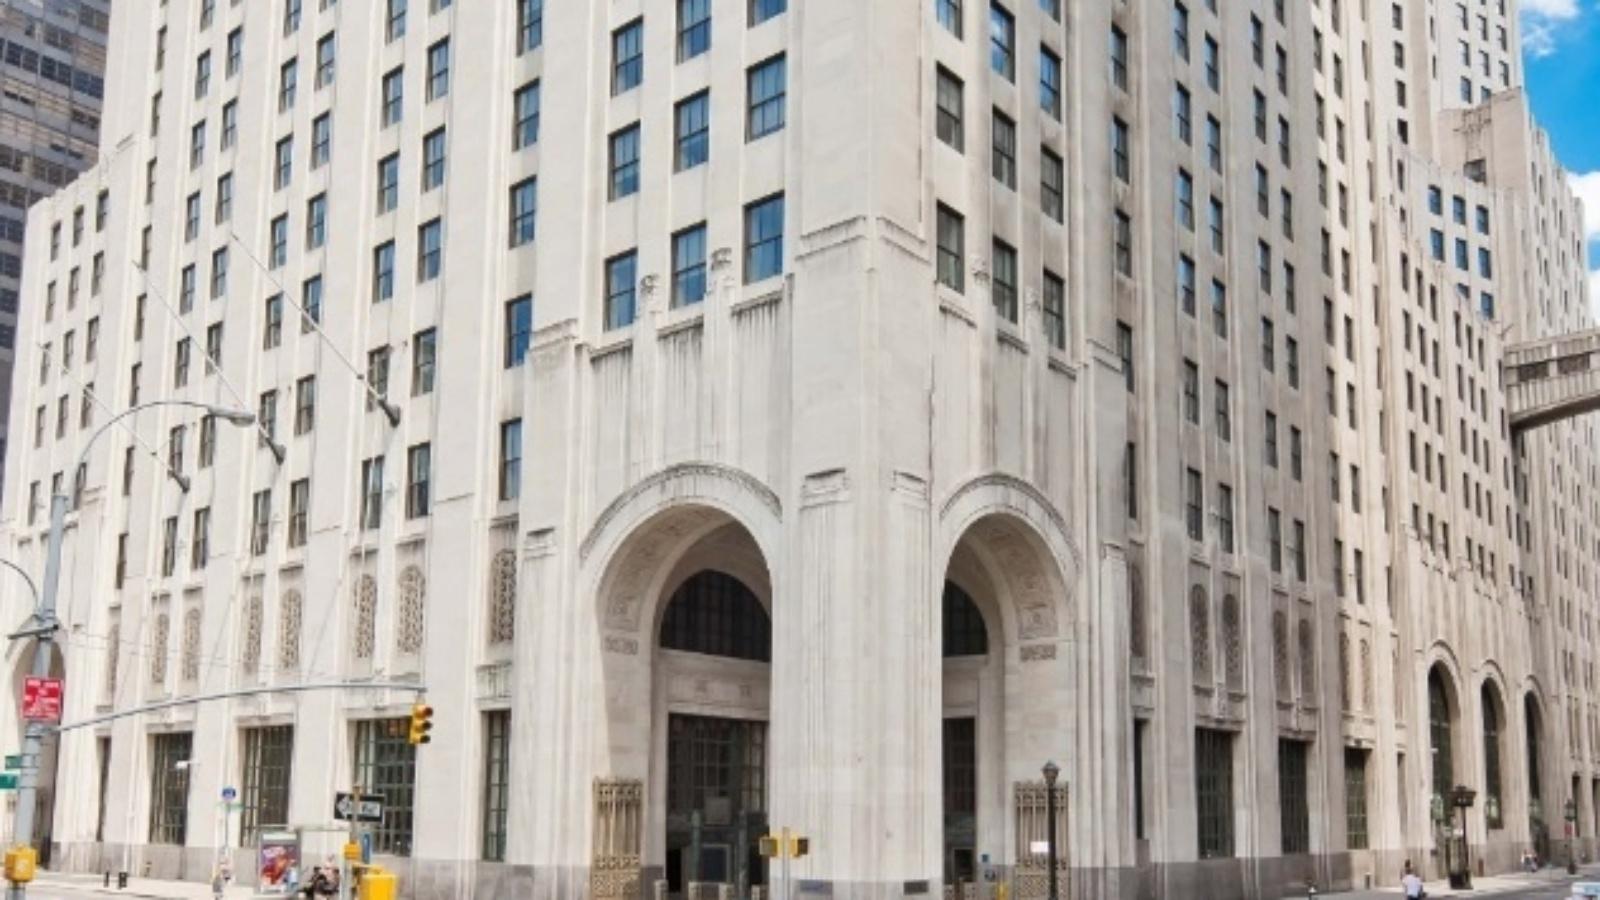 1ca17cd54e861 Imobiliária compra edifício de Nova York por valor recorde de US  2,3  bilhões - 19 08 2015 - UOL Economia